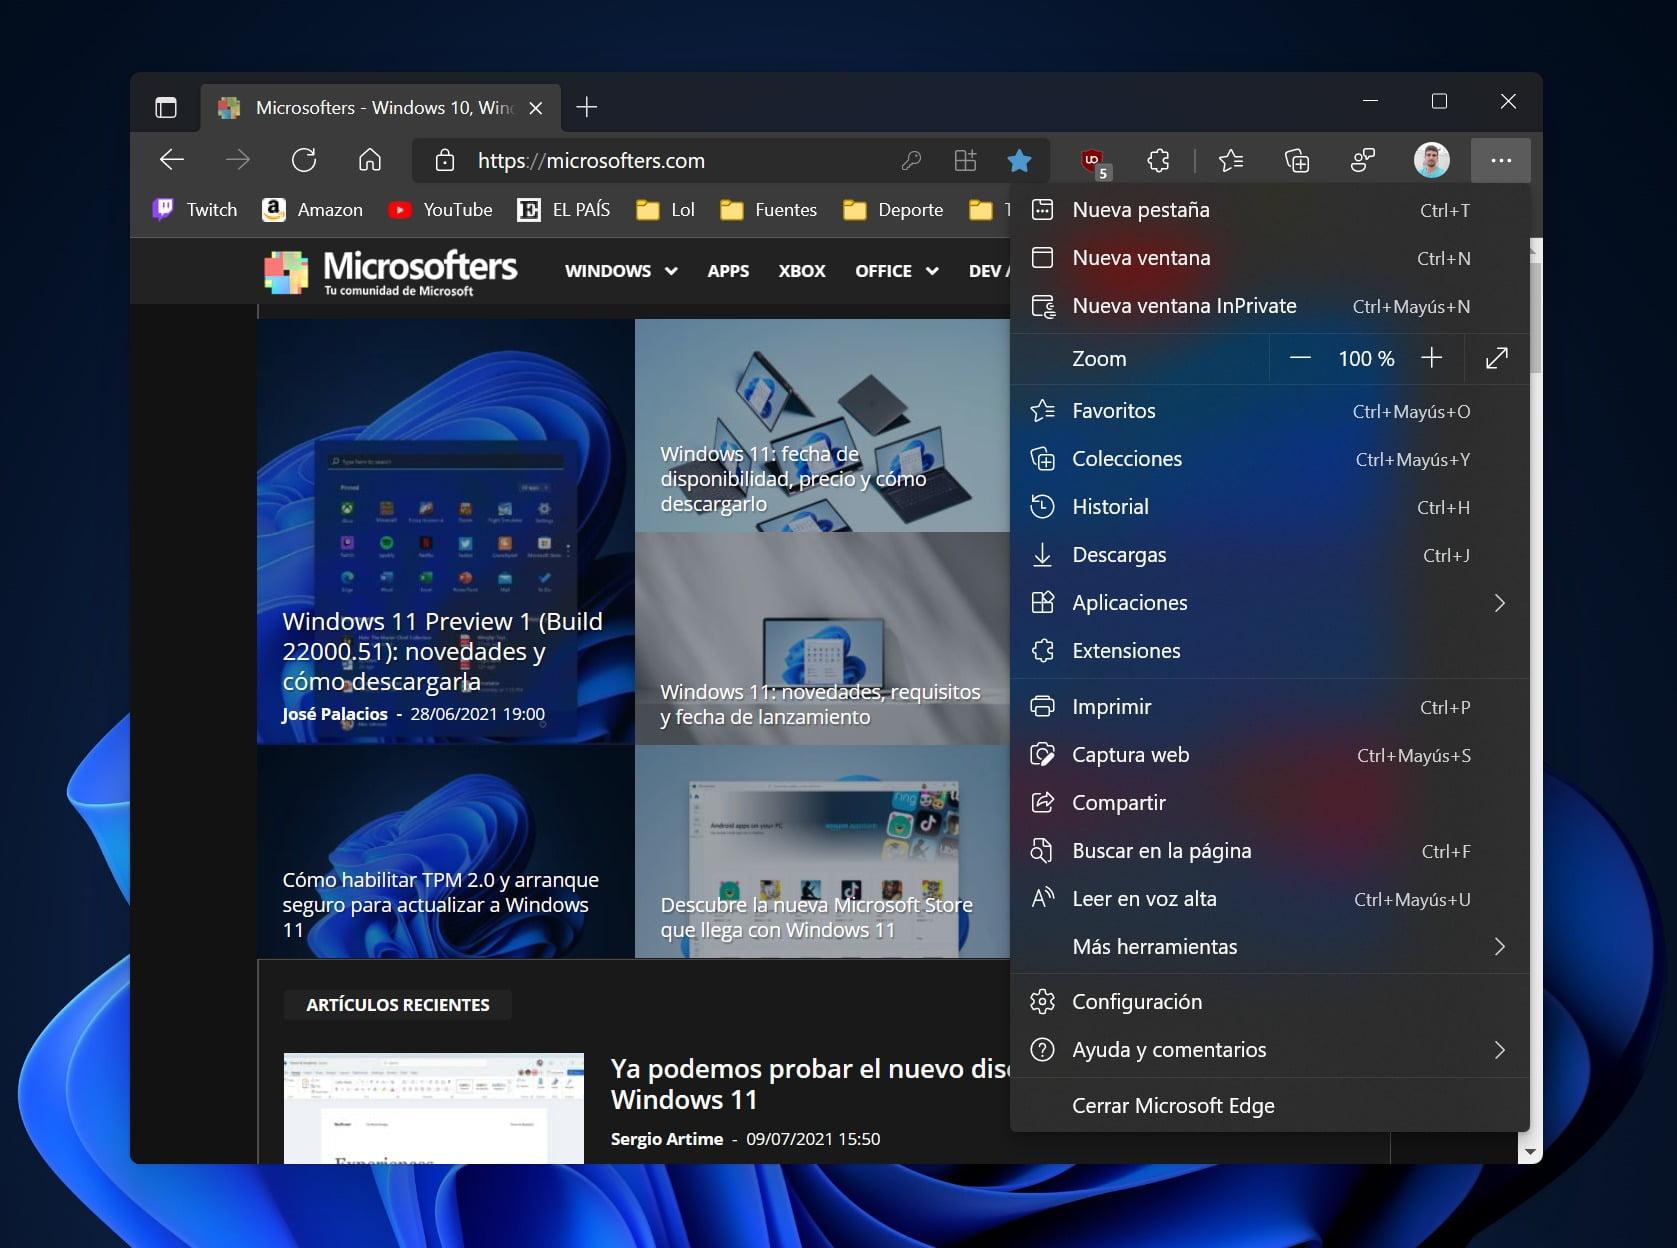 Nuevo diseño de Edge en Windows 11